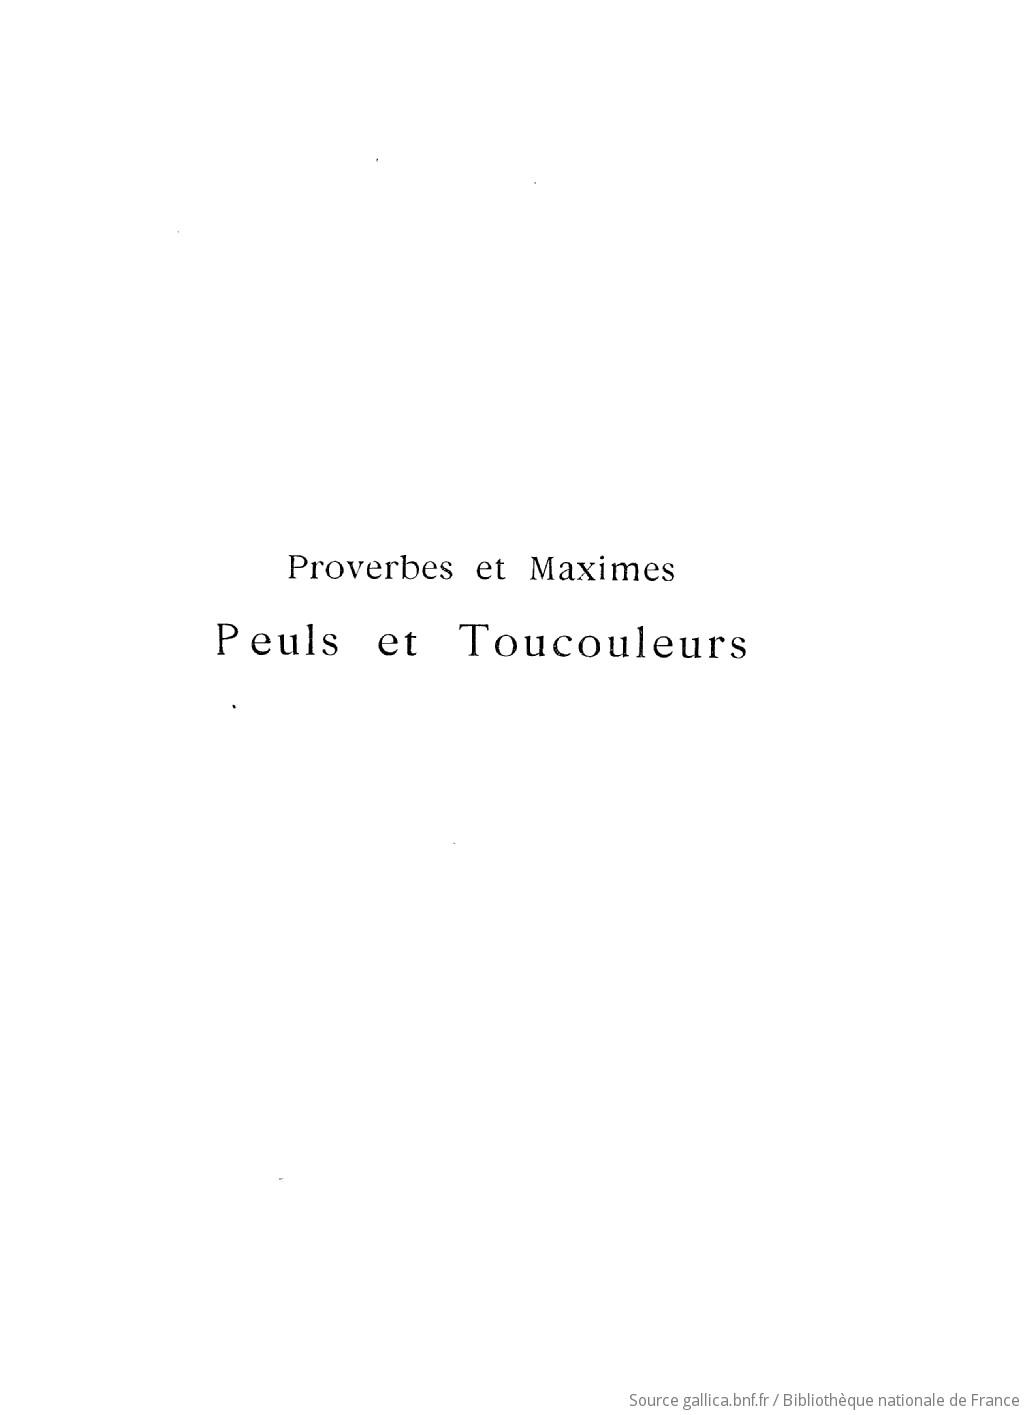 Proverbes Et Maximes Peuls Et Toucouleurs Traduits Expliques Et Annotes Henri Gaden Gallica